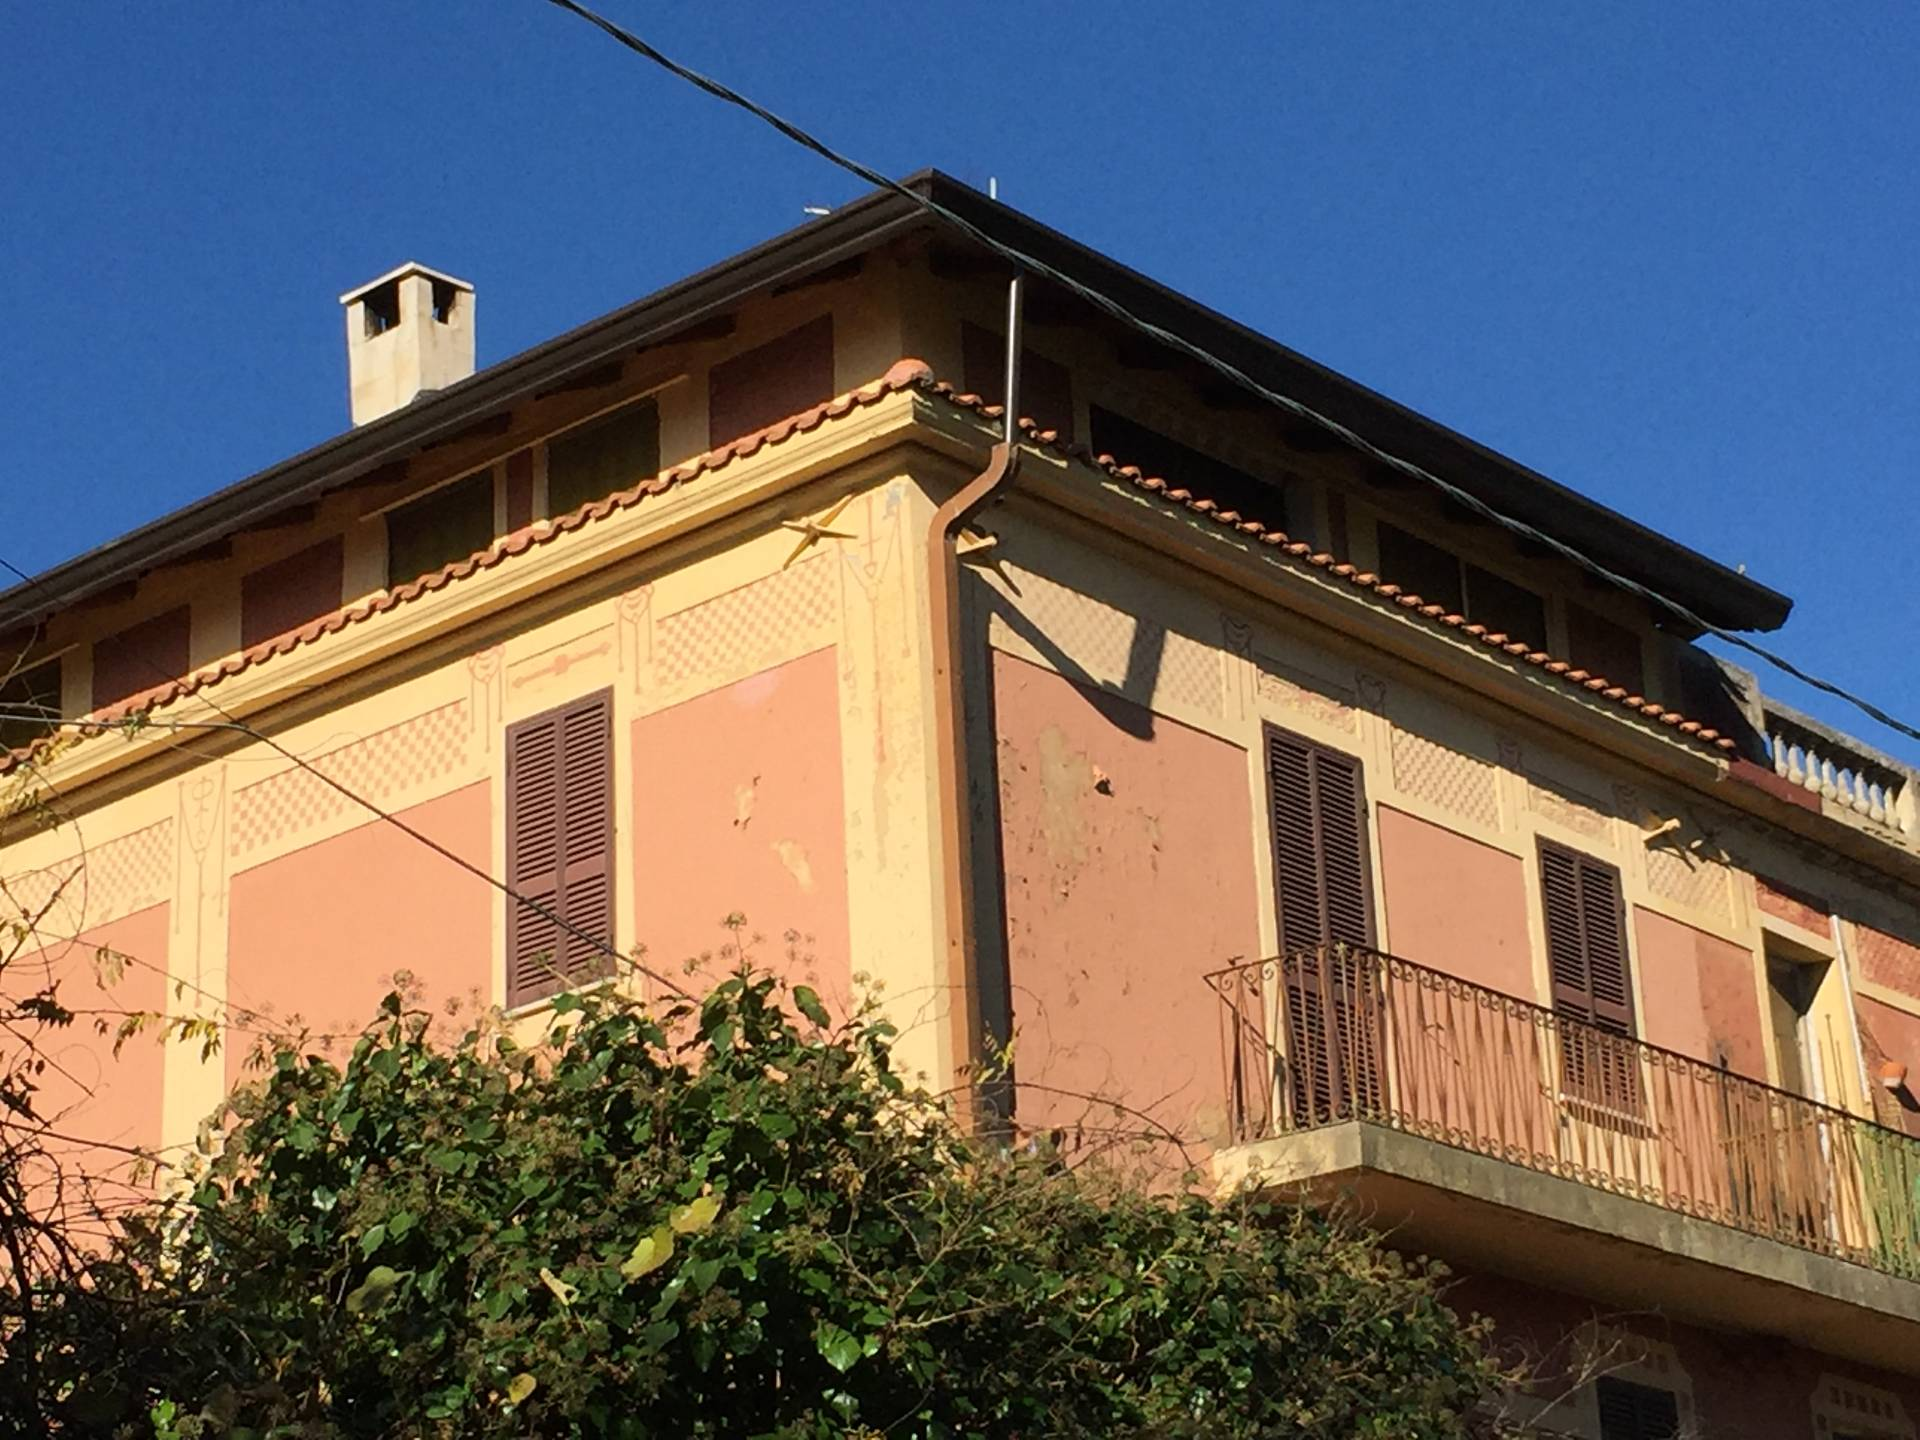 Casa indipendente in vendita a settefrati cod ac99 2686 for Casa di vetro moderna in vendita